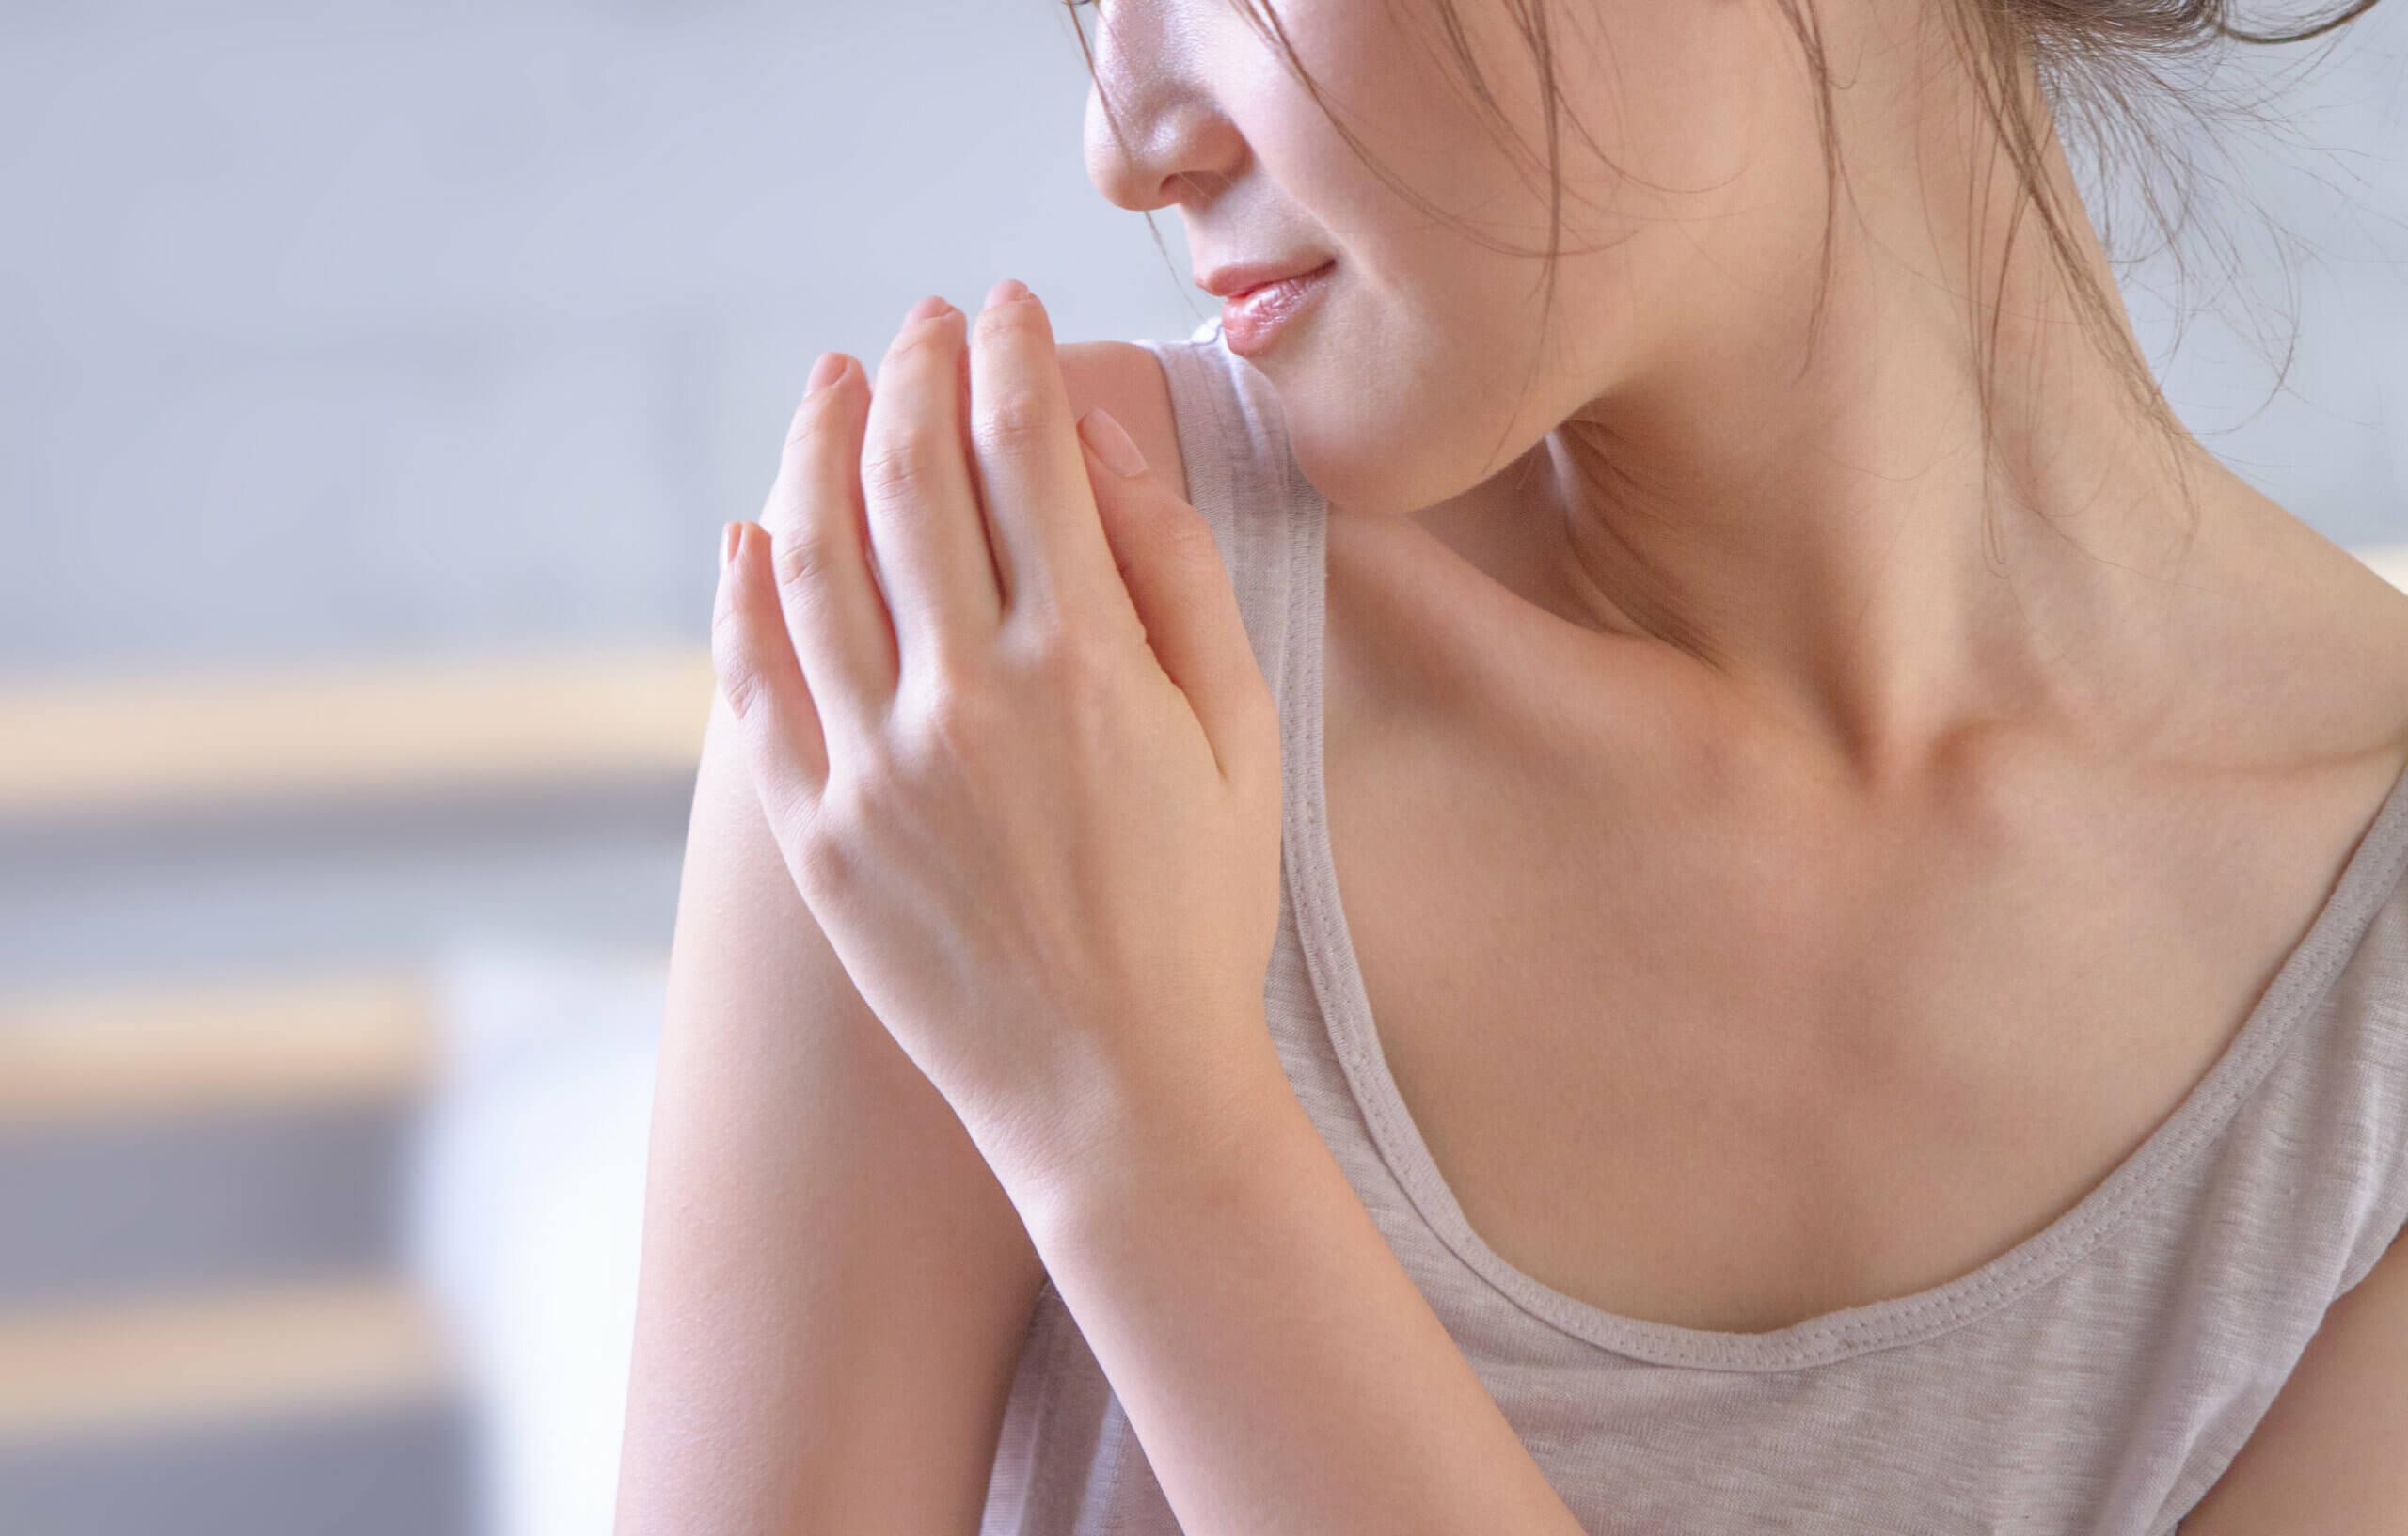 La pitiriasi alba è più comune nei giovani e bambini.